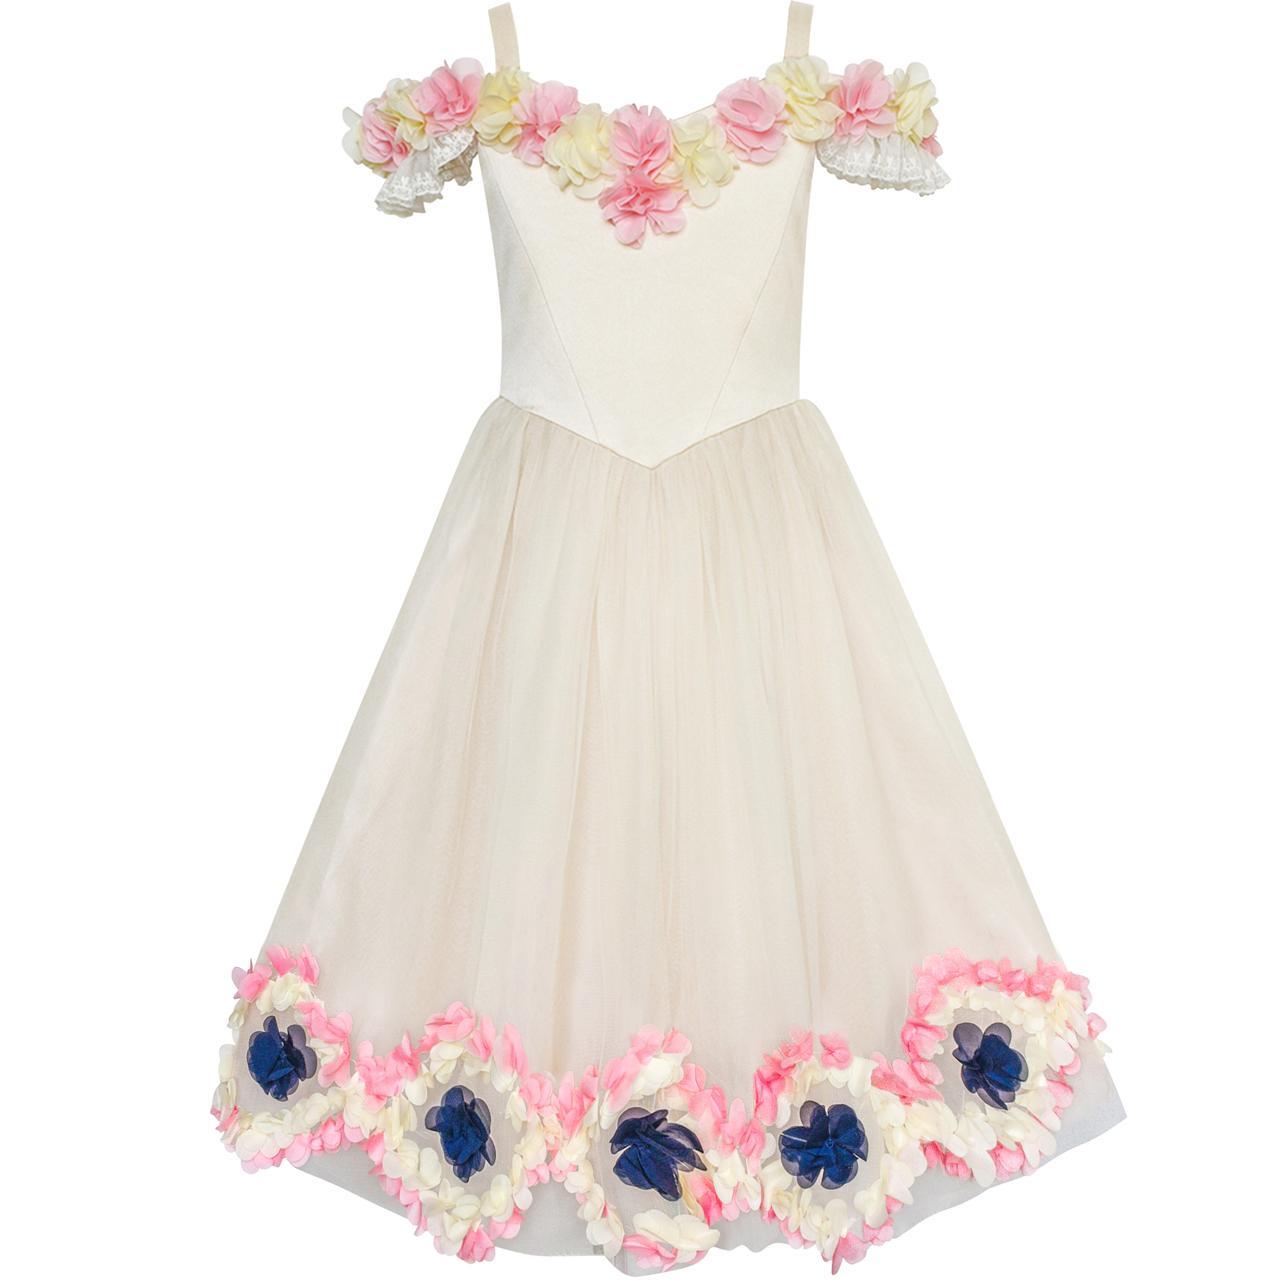 Fashionable flower girl dresses 91